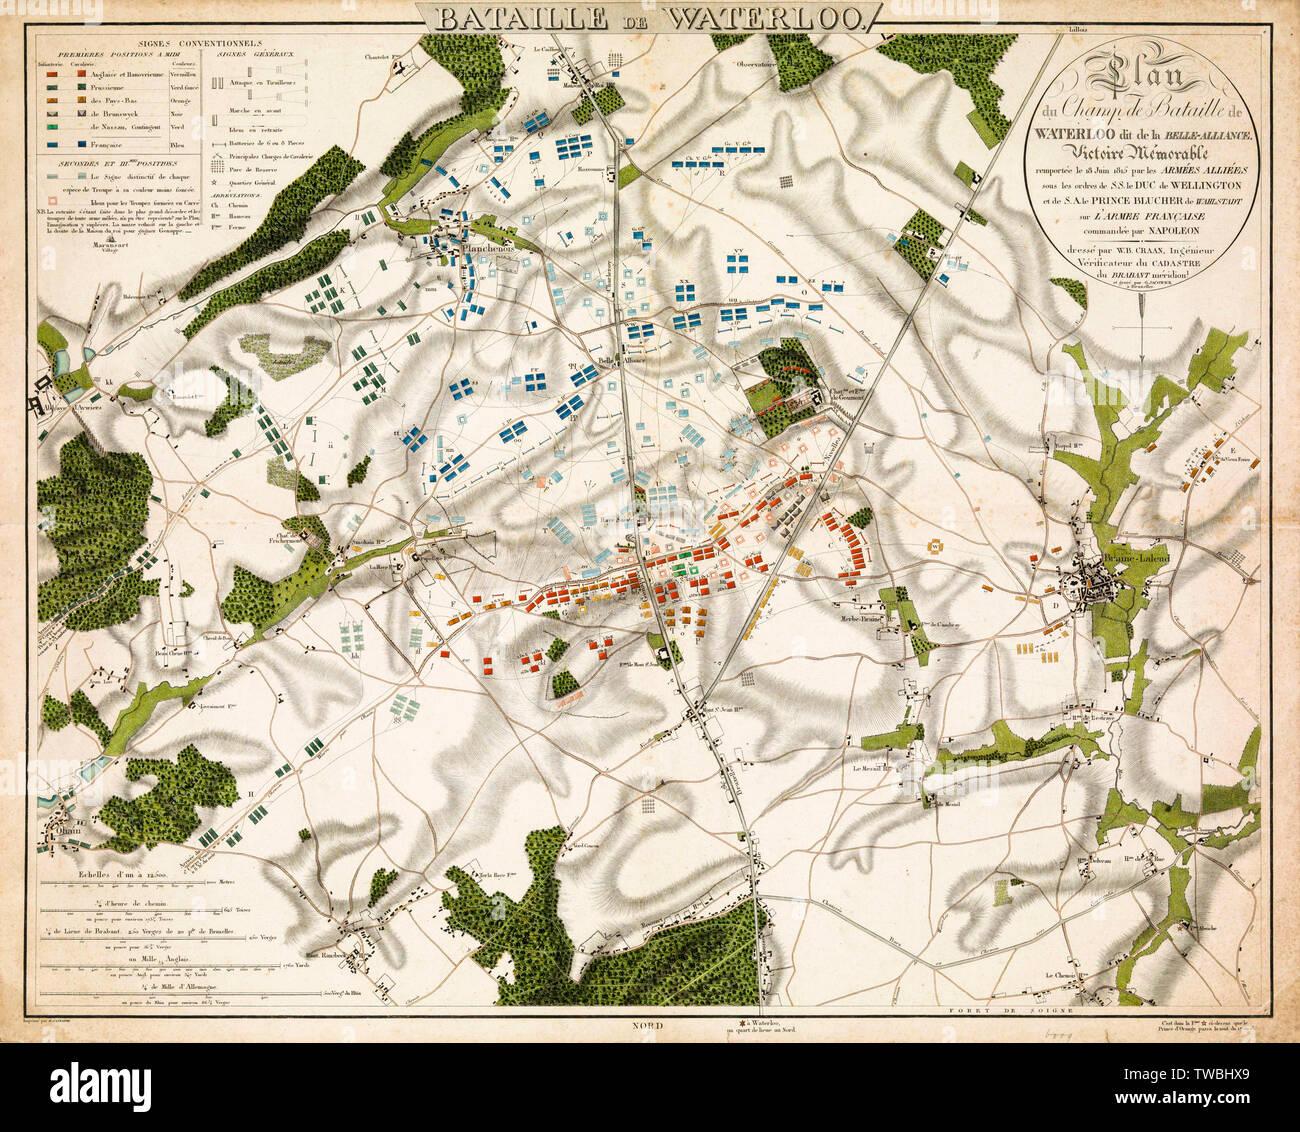 Mapa de la batalla de Waterloo, impresión, 1816 Imagen De Stock